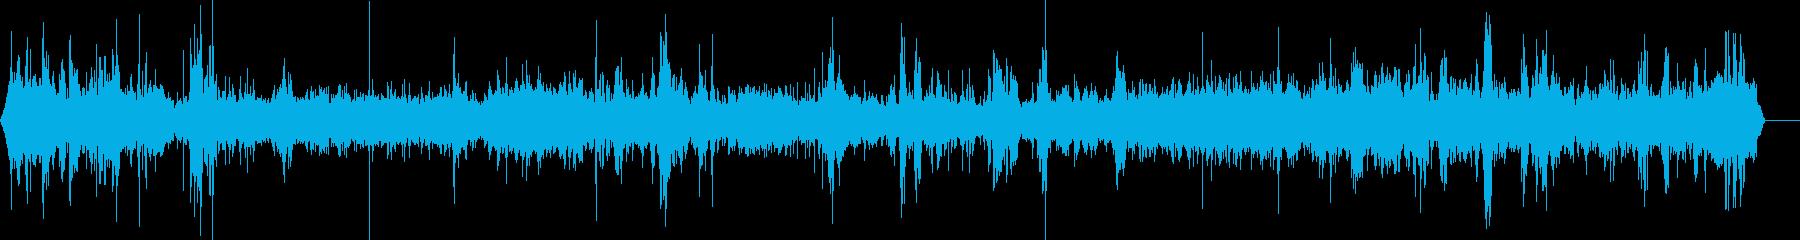 マーケット2の再生済みの波形